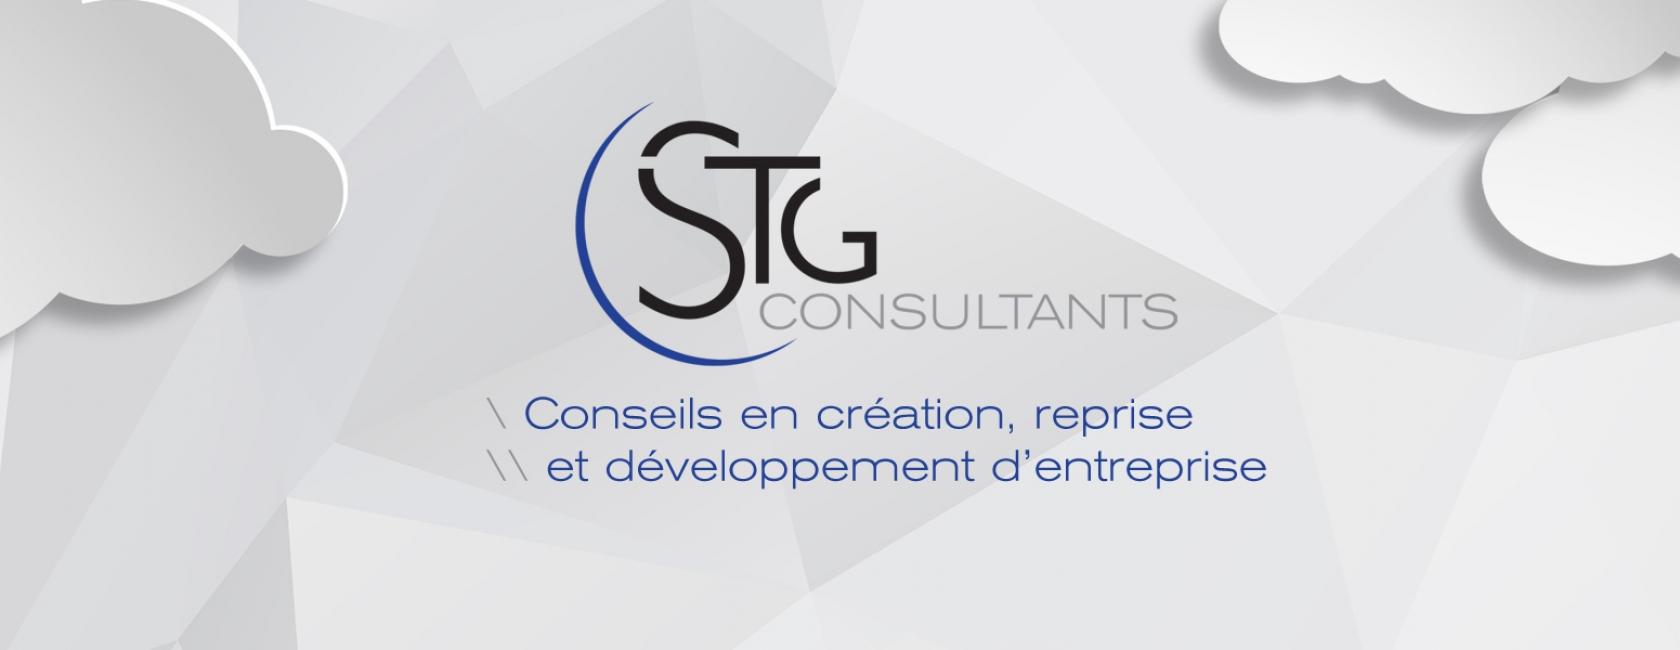 Conseil N°1 : Adéquation porteur de projet / projet par STG Consultants